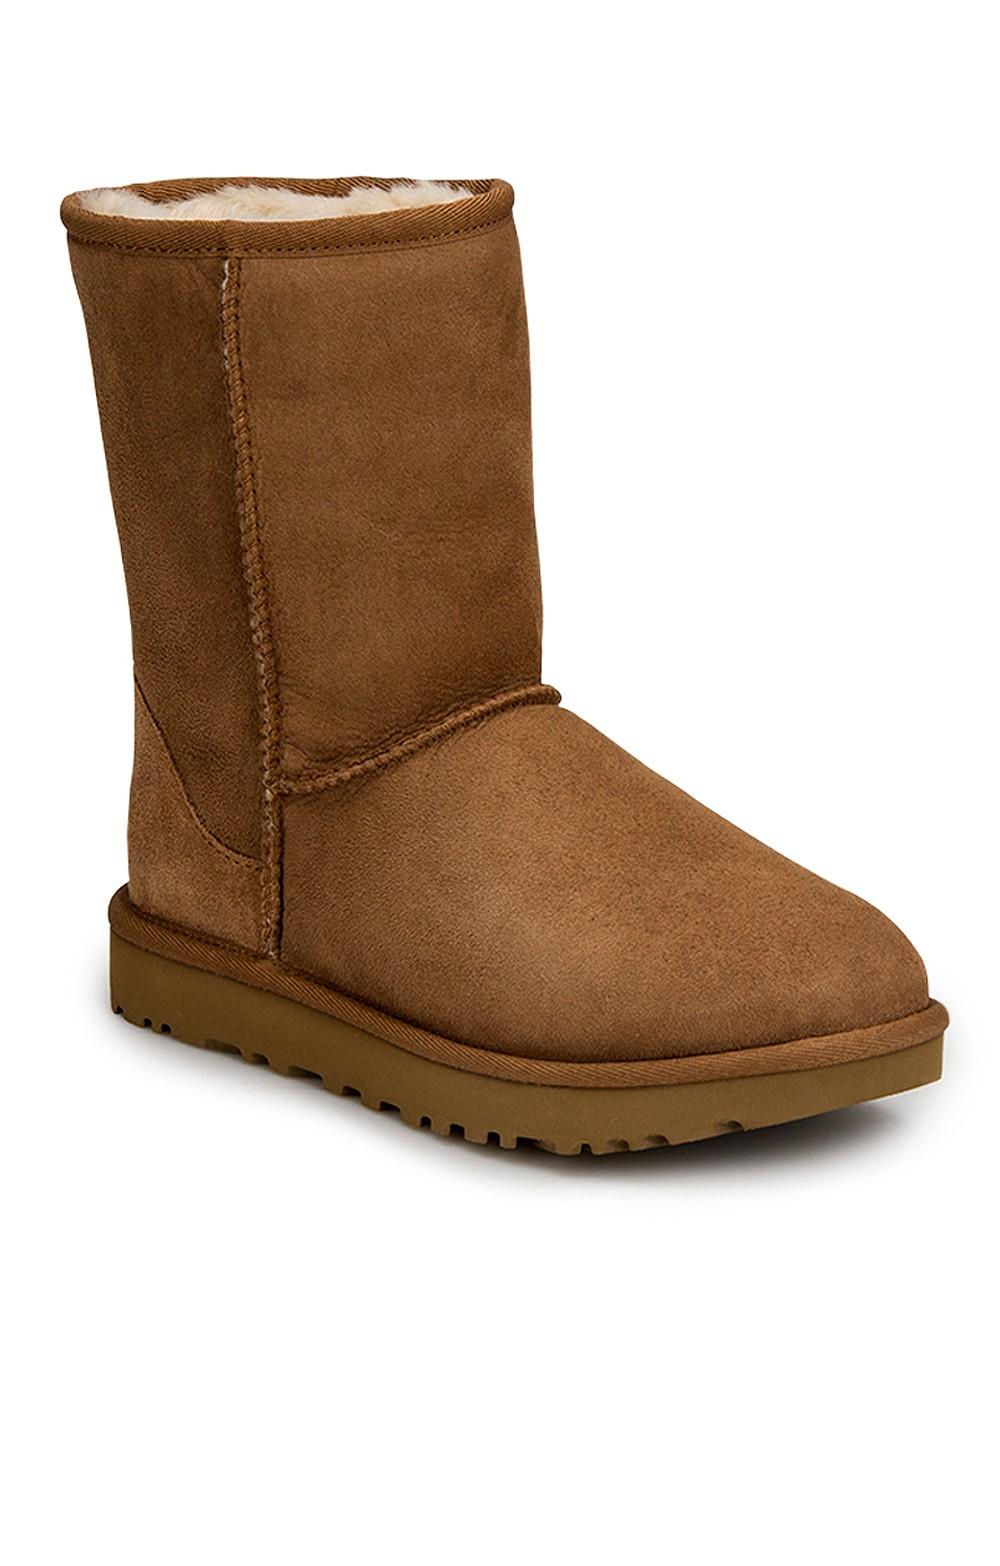 4931877cf8c Ladies UGG Australia Classic Short Boot